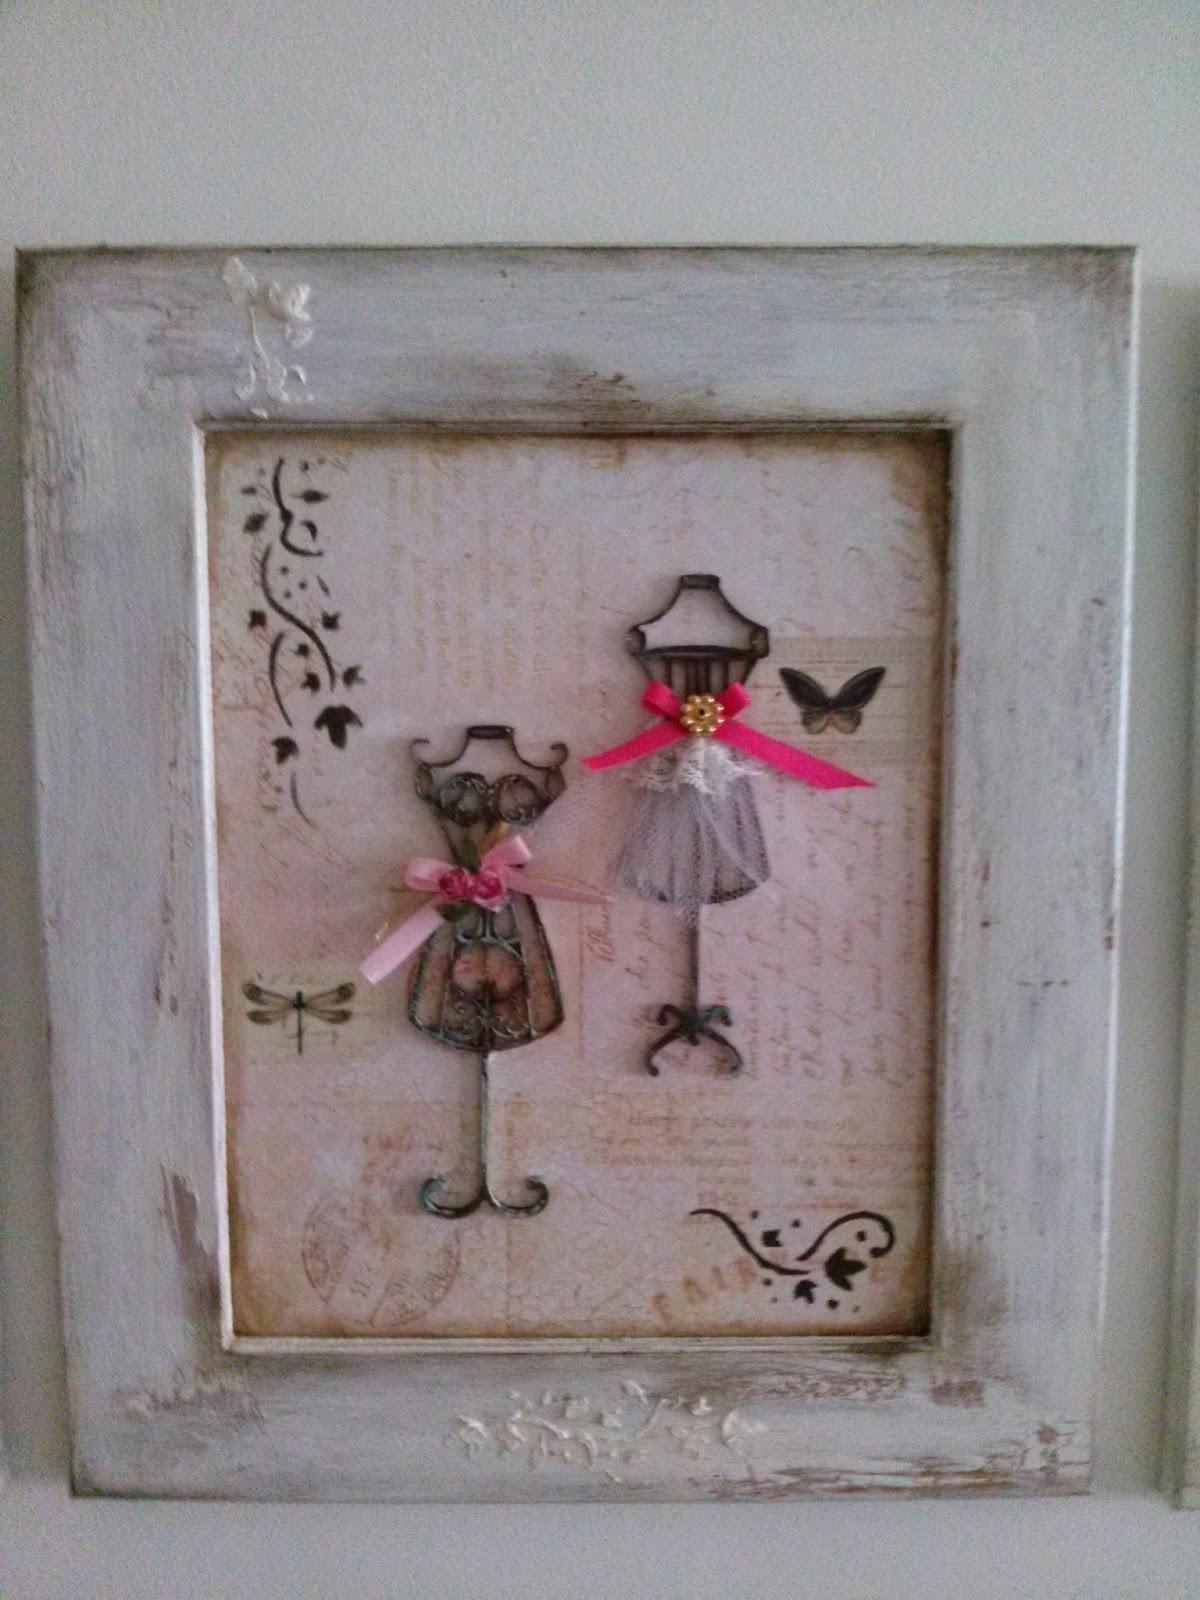 Mi galp n de arte cuadros shabby chic t cnicas mixtas de pintura decapado decoupage collage - Cuadros shabby chic ...